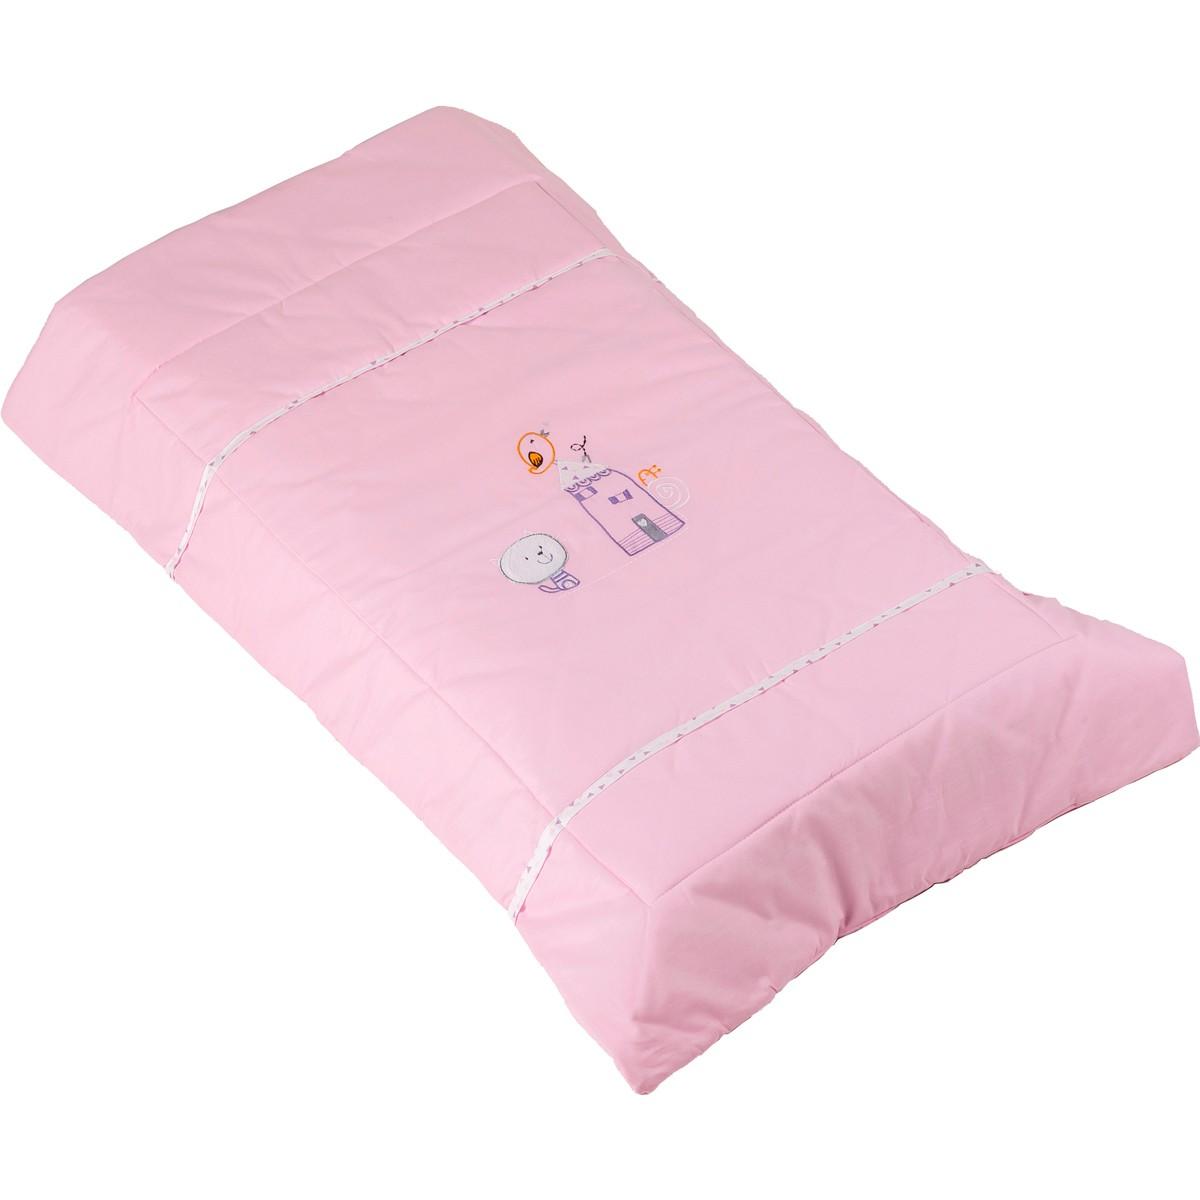 Πάπλωμα Λίκνου Κόσμος Του Μωρού Home 8950 Ροζ 74532